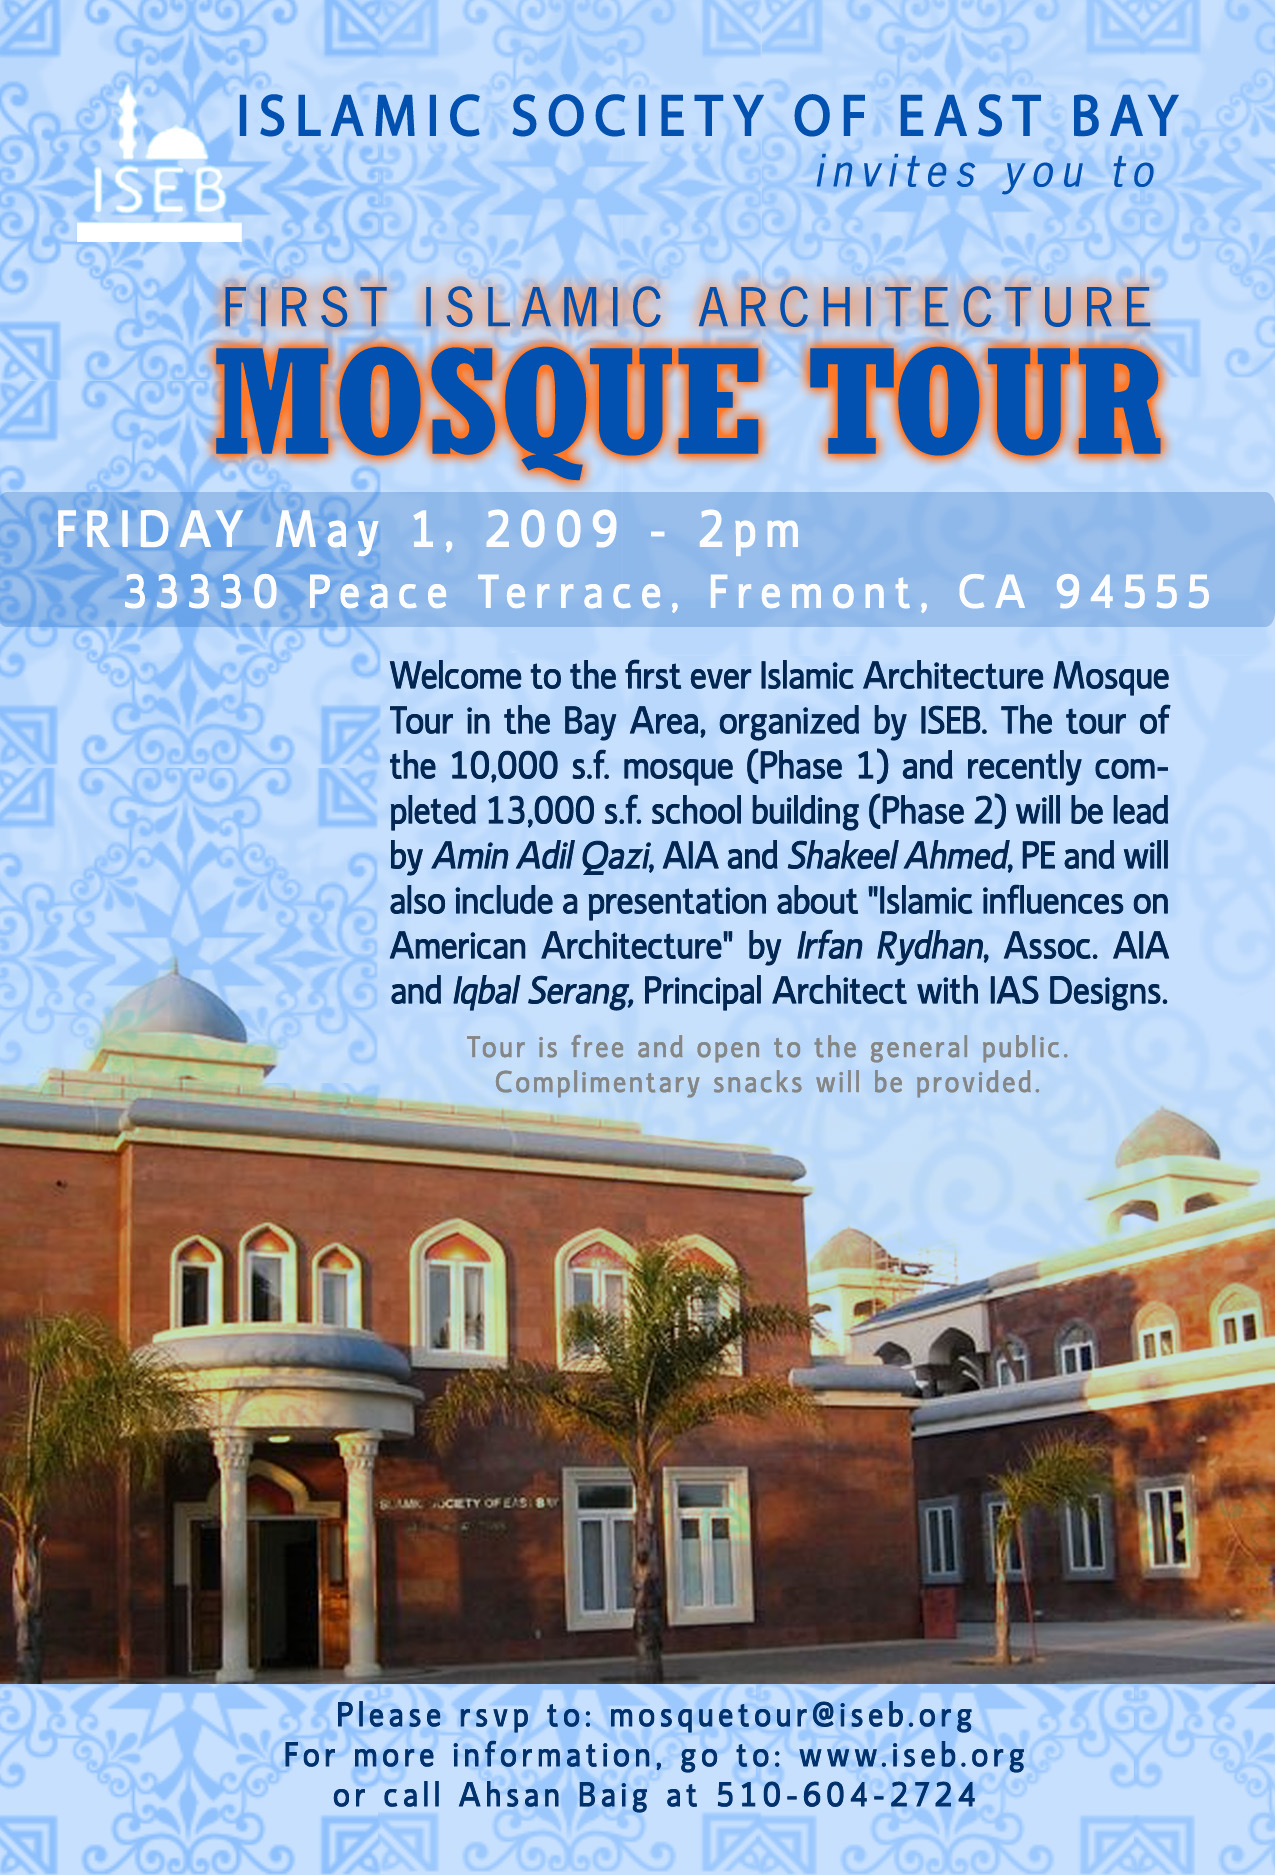 ISEB Mosque Tour Flyer